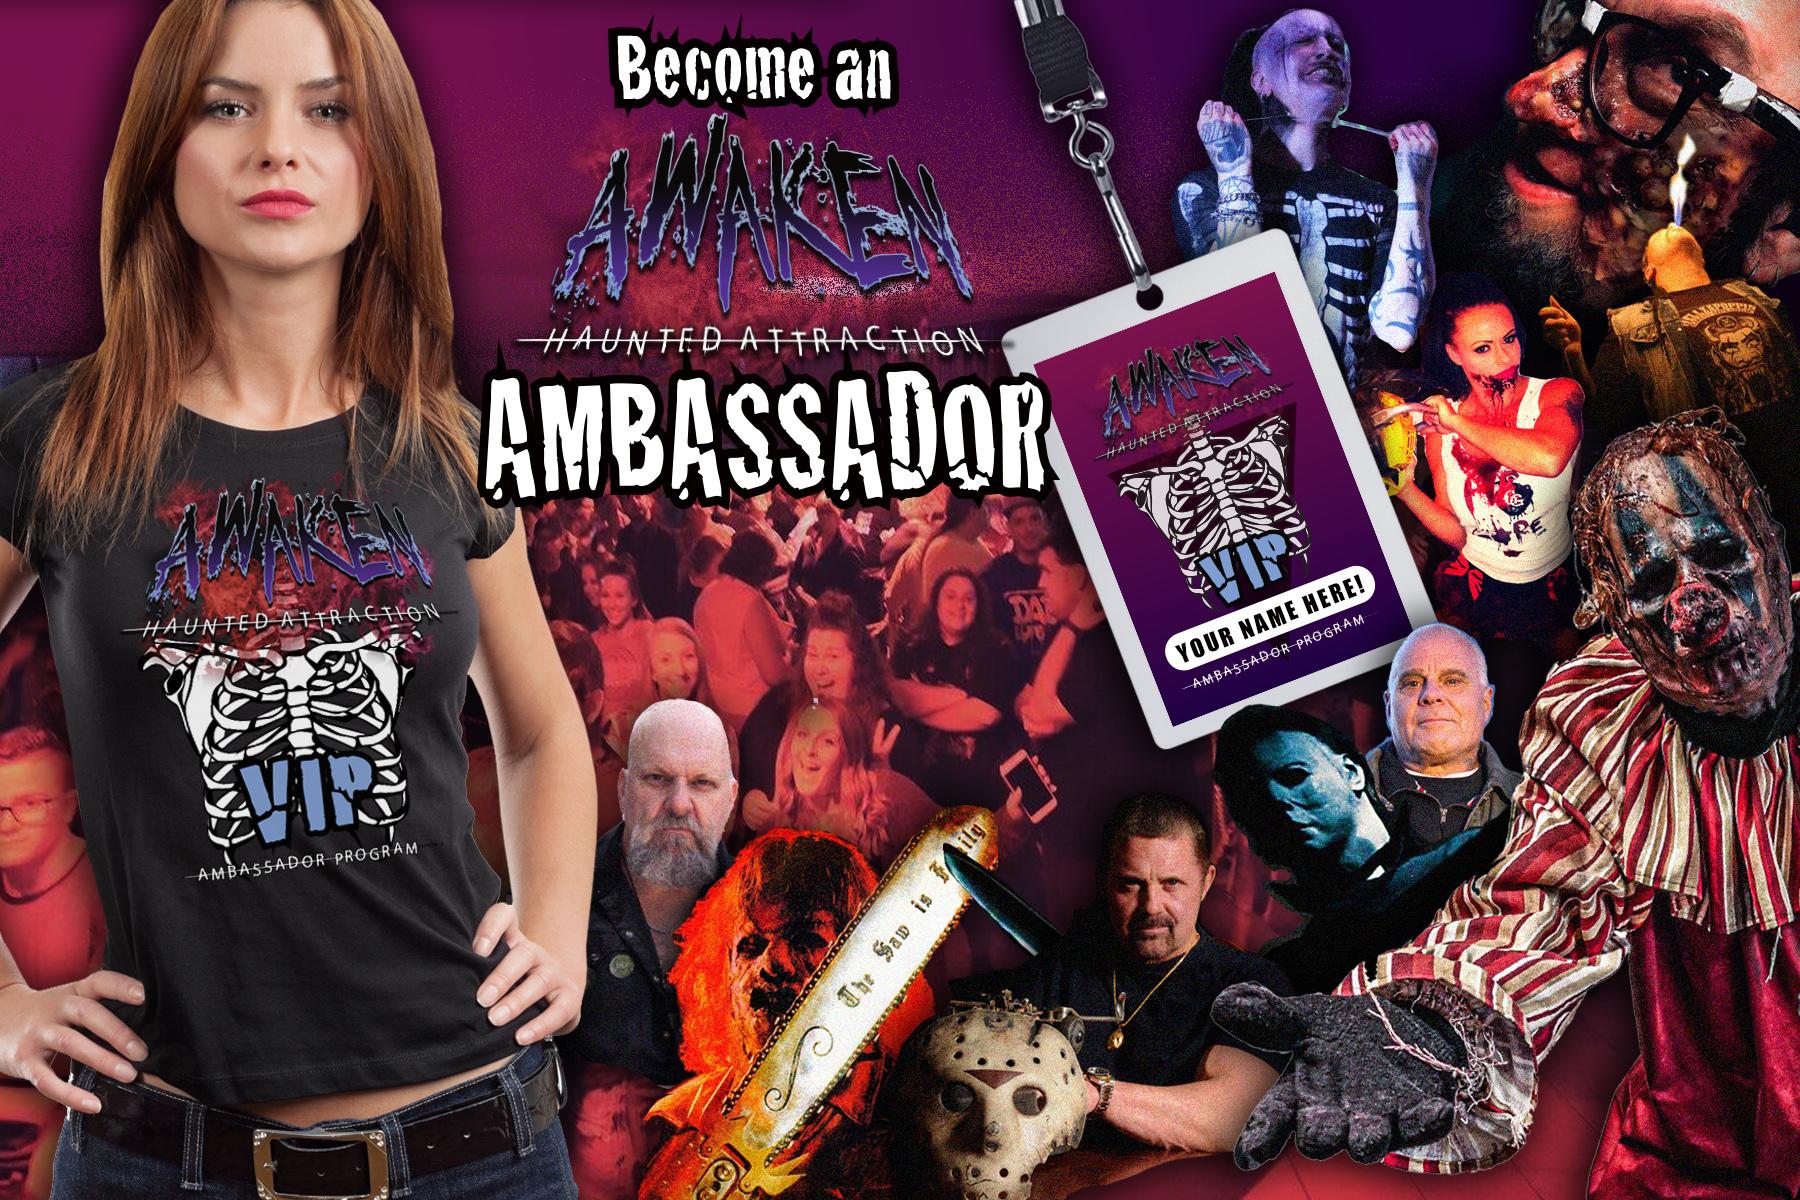 Ambassador Graphic no hat copy